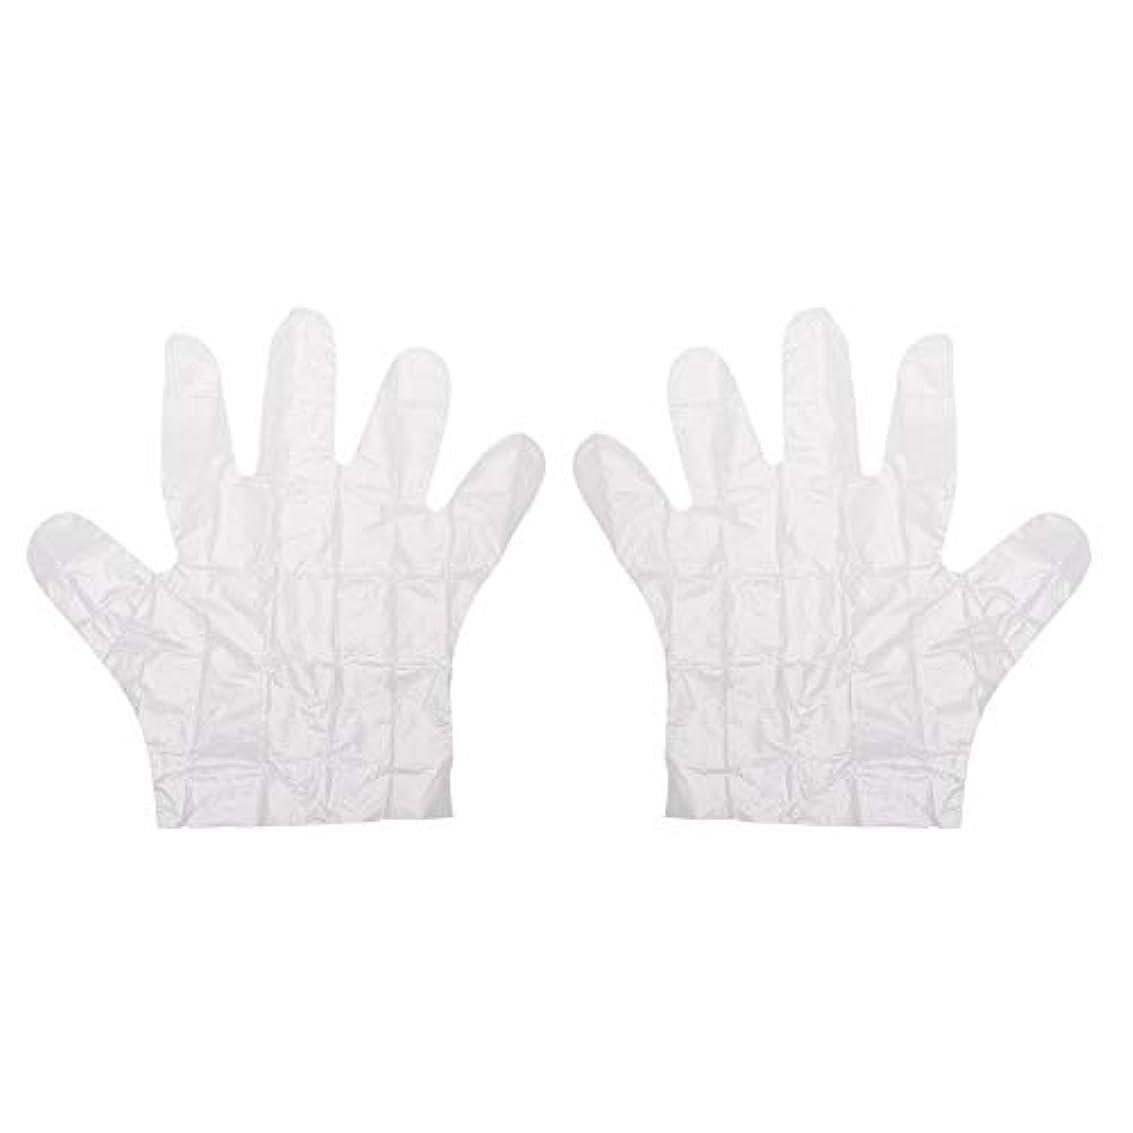 被る演劇息を切らしてWISTOMJP 200枚 子供用手袋使い捨て 使い捨て手袋 キッズ専用透明 手袋